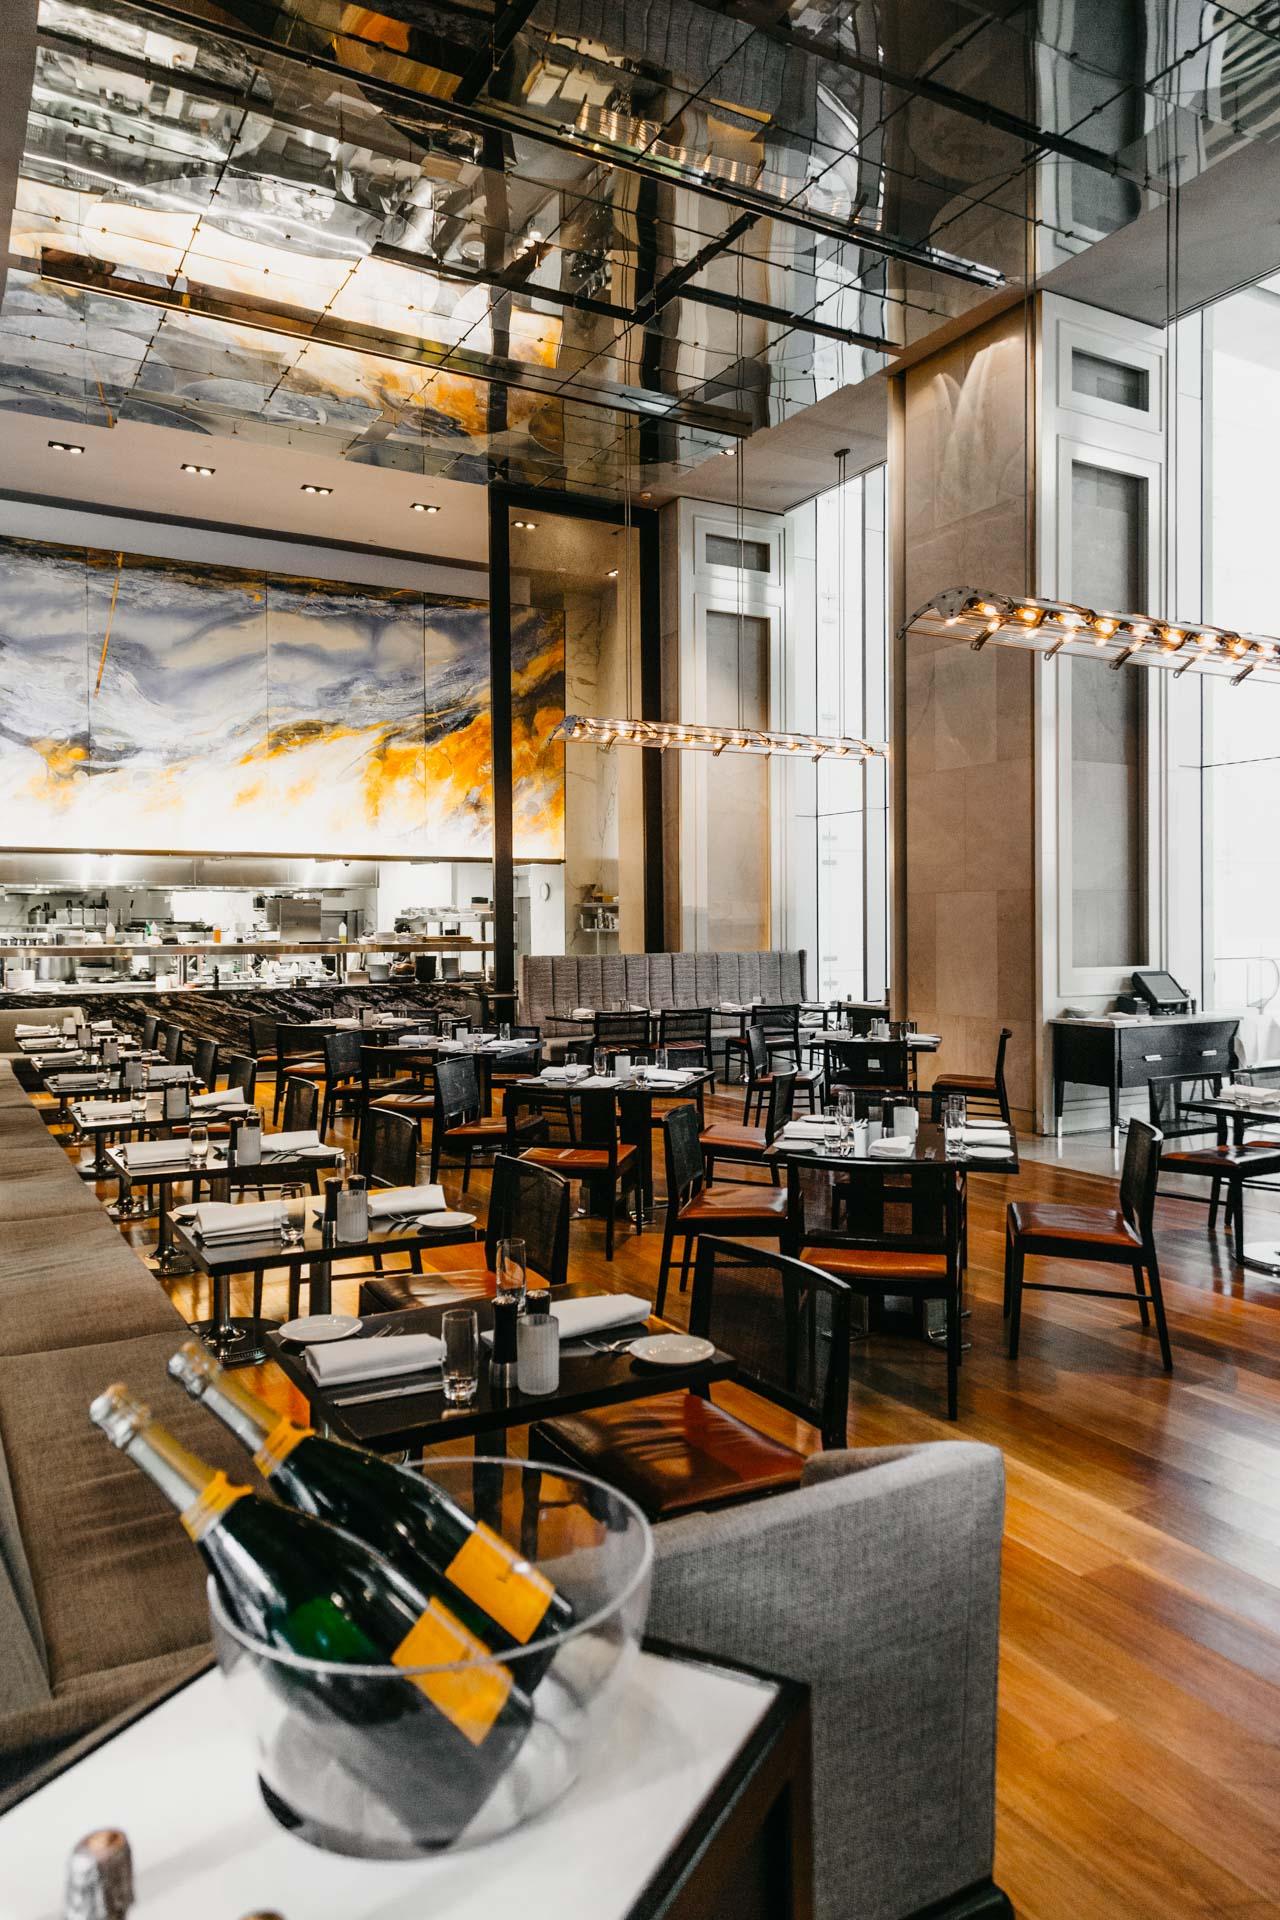 glass - restaurant interior - 2018 (lowres)-11.jpg